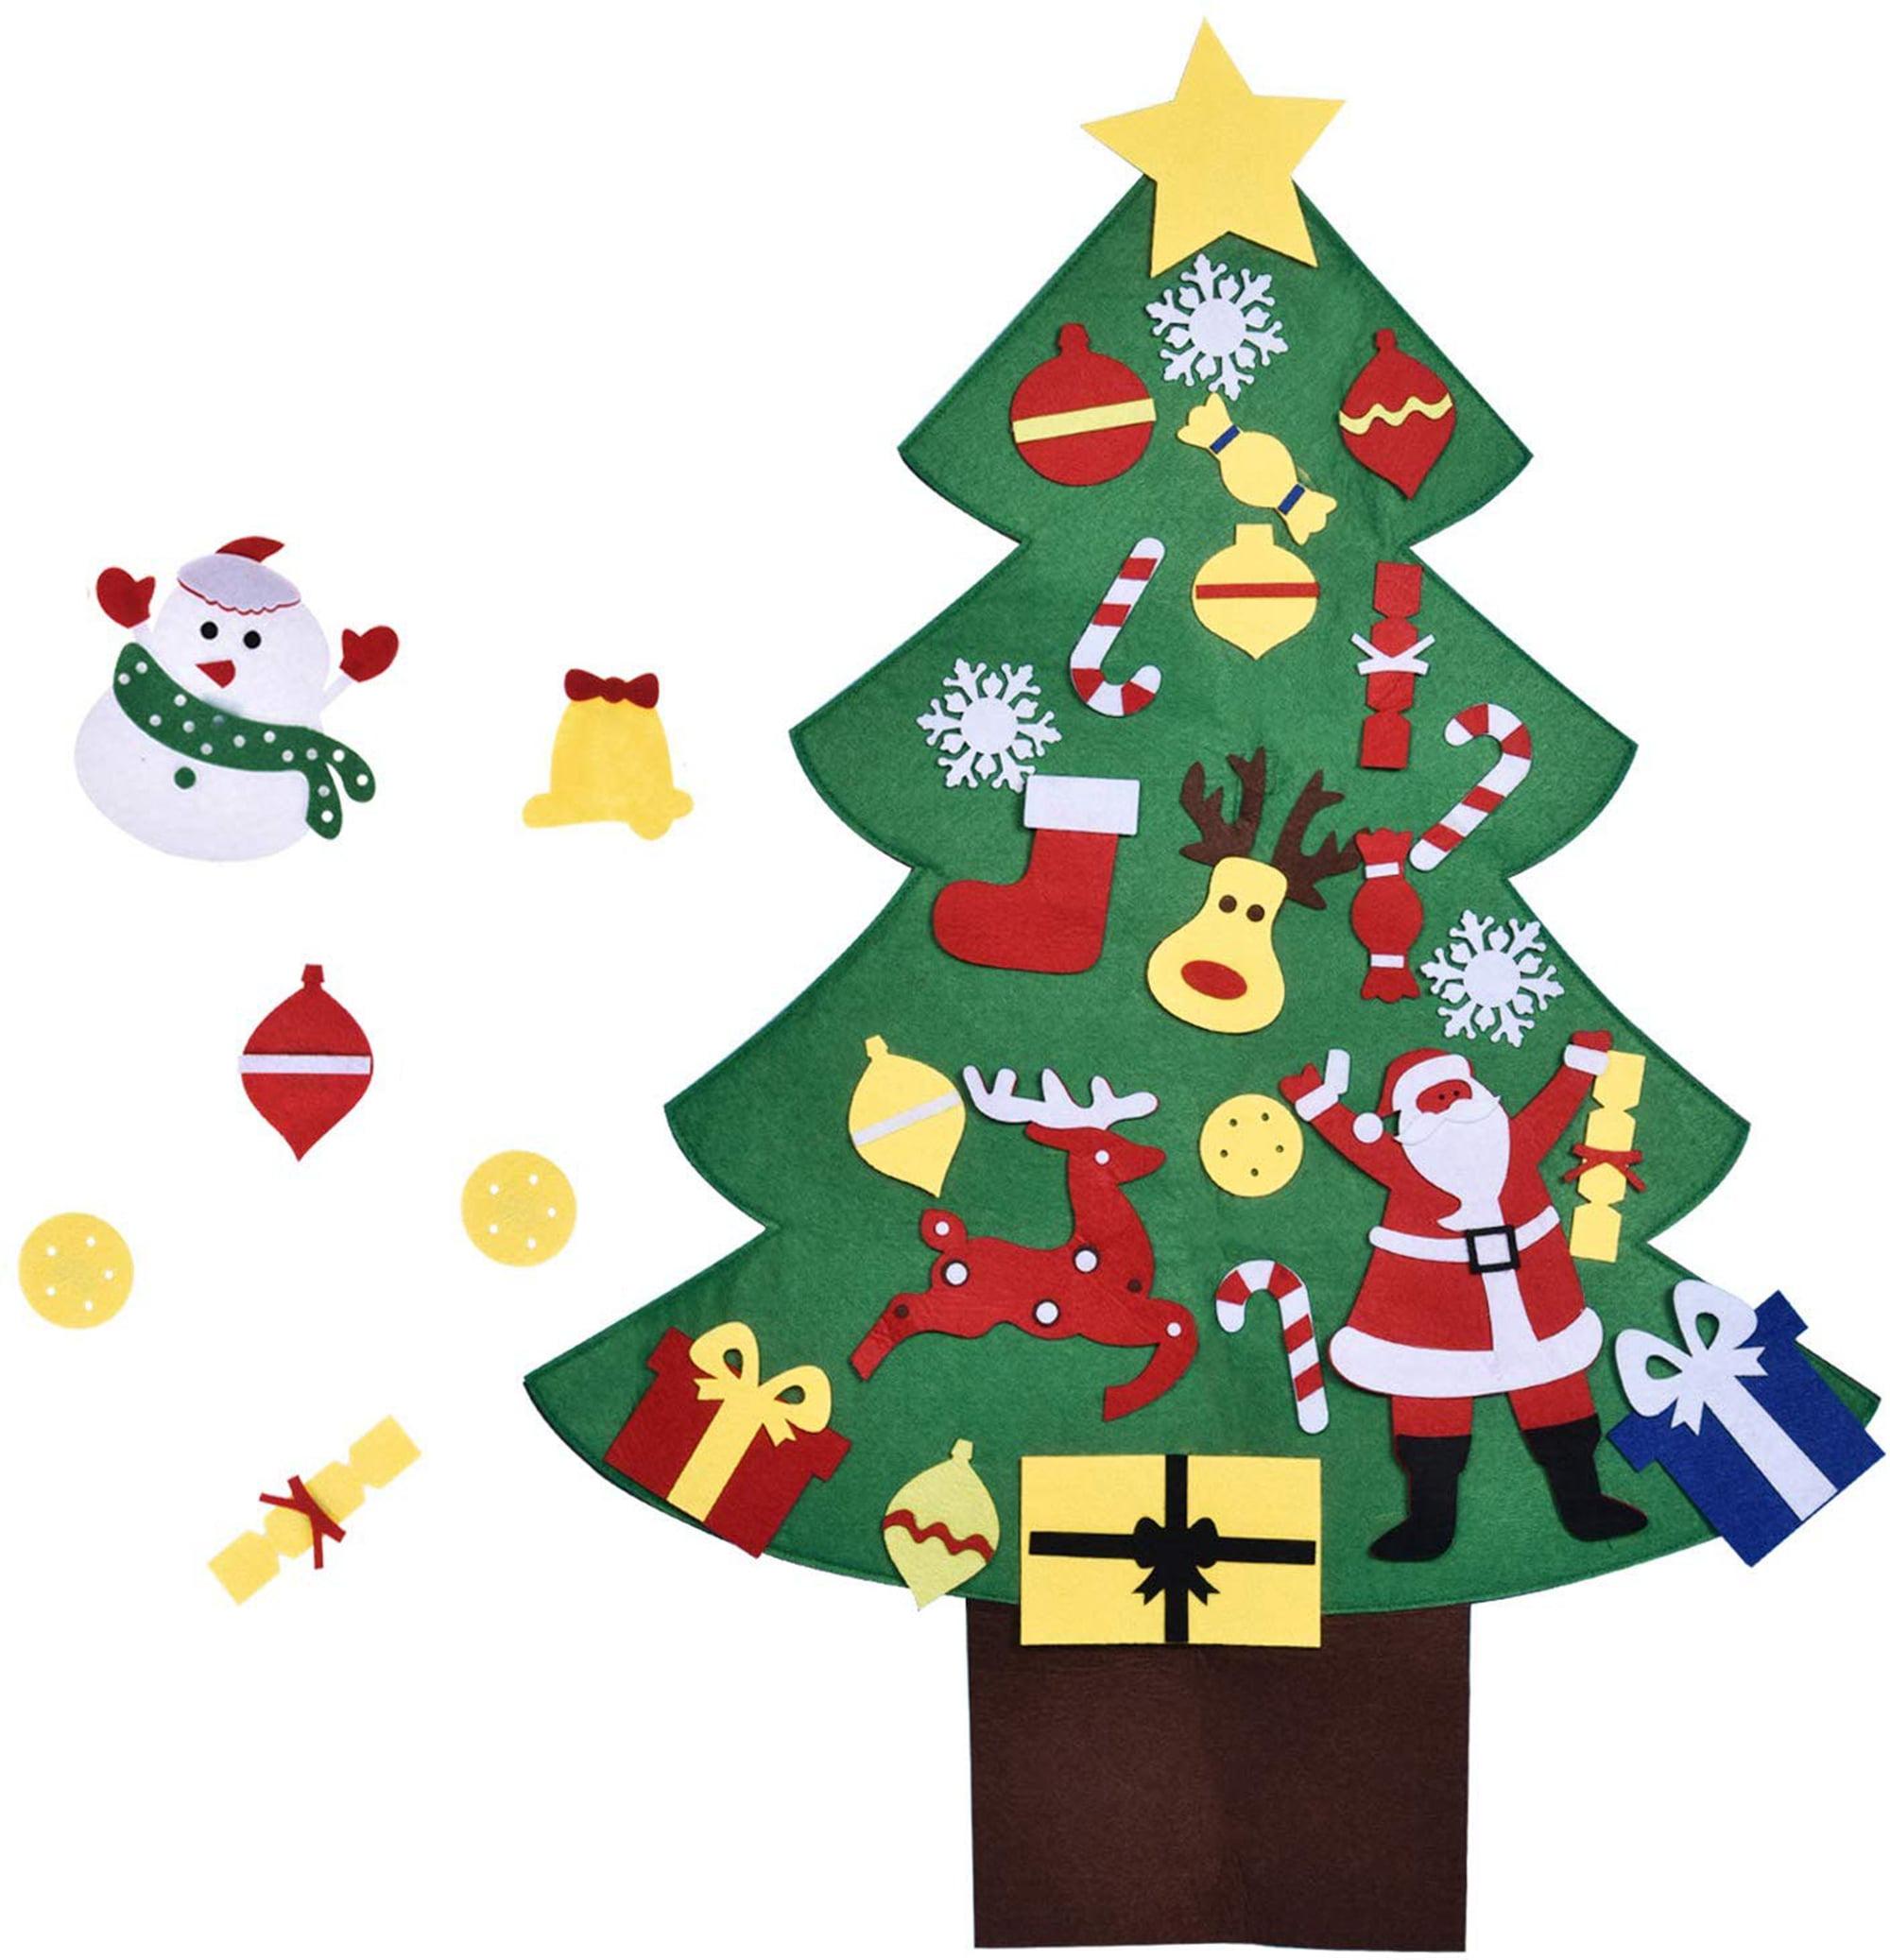 3ft Diy Christmas Tree For Kids With 28pcs Felt Ornaments Classroom Door Wall Decorations Diy Toys Party Favor F 275 Walmart Com Walmart Com